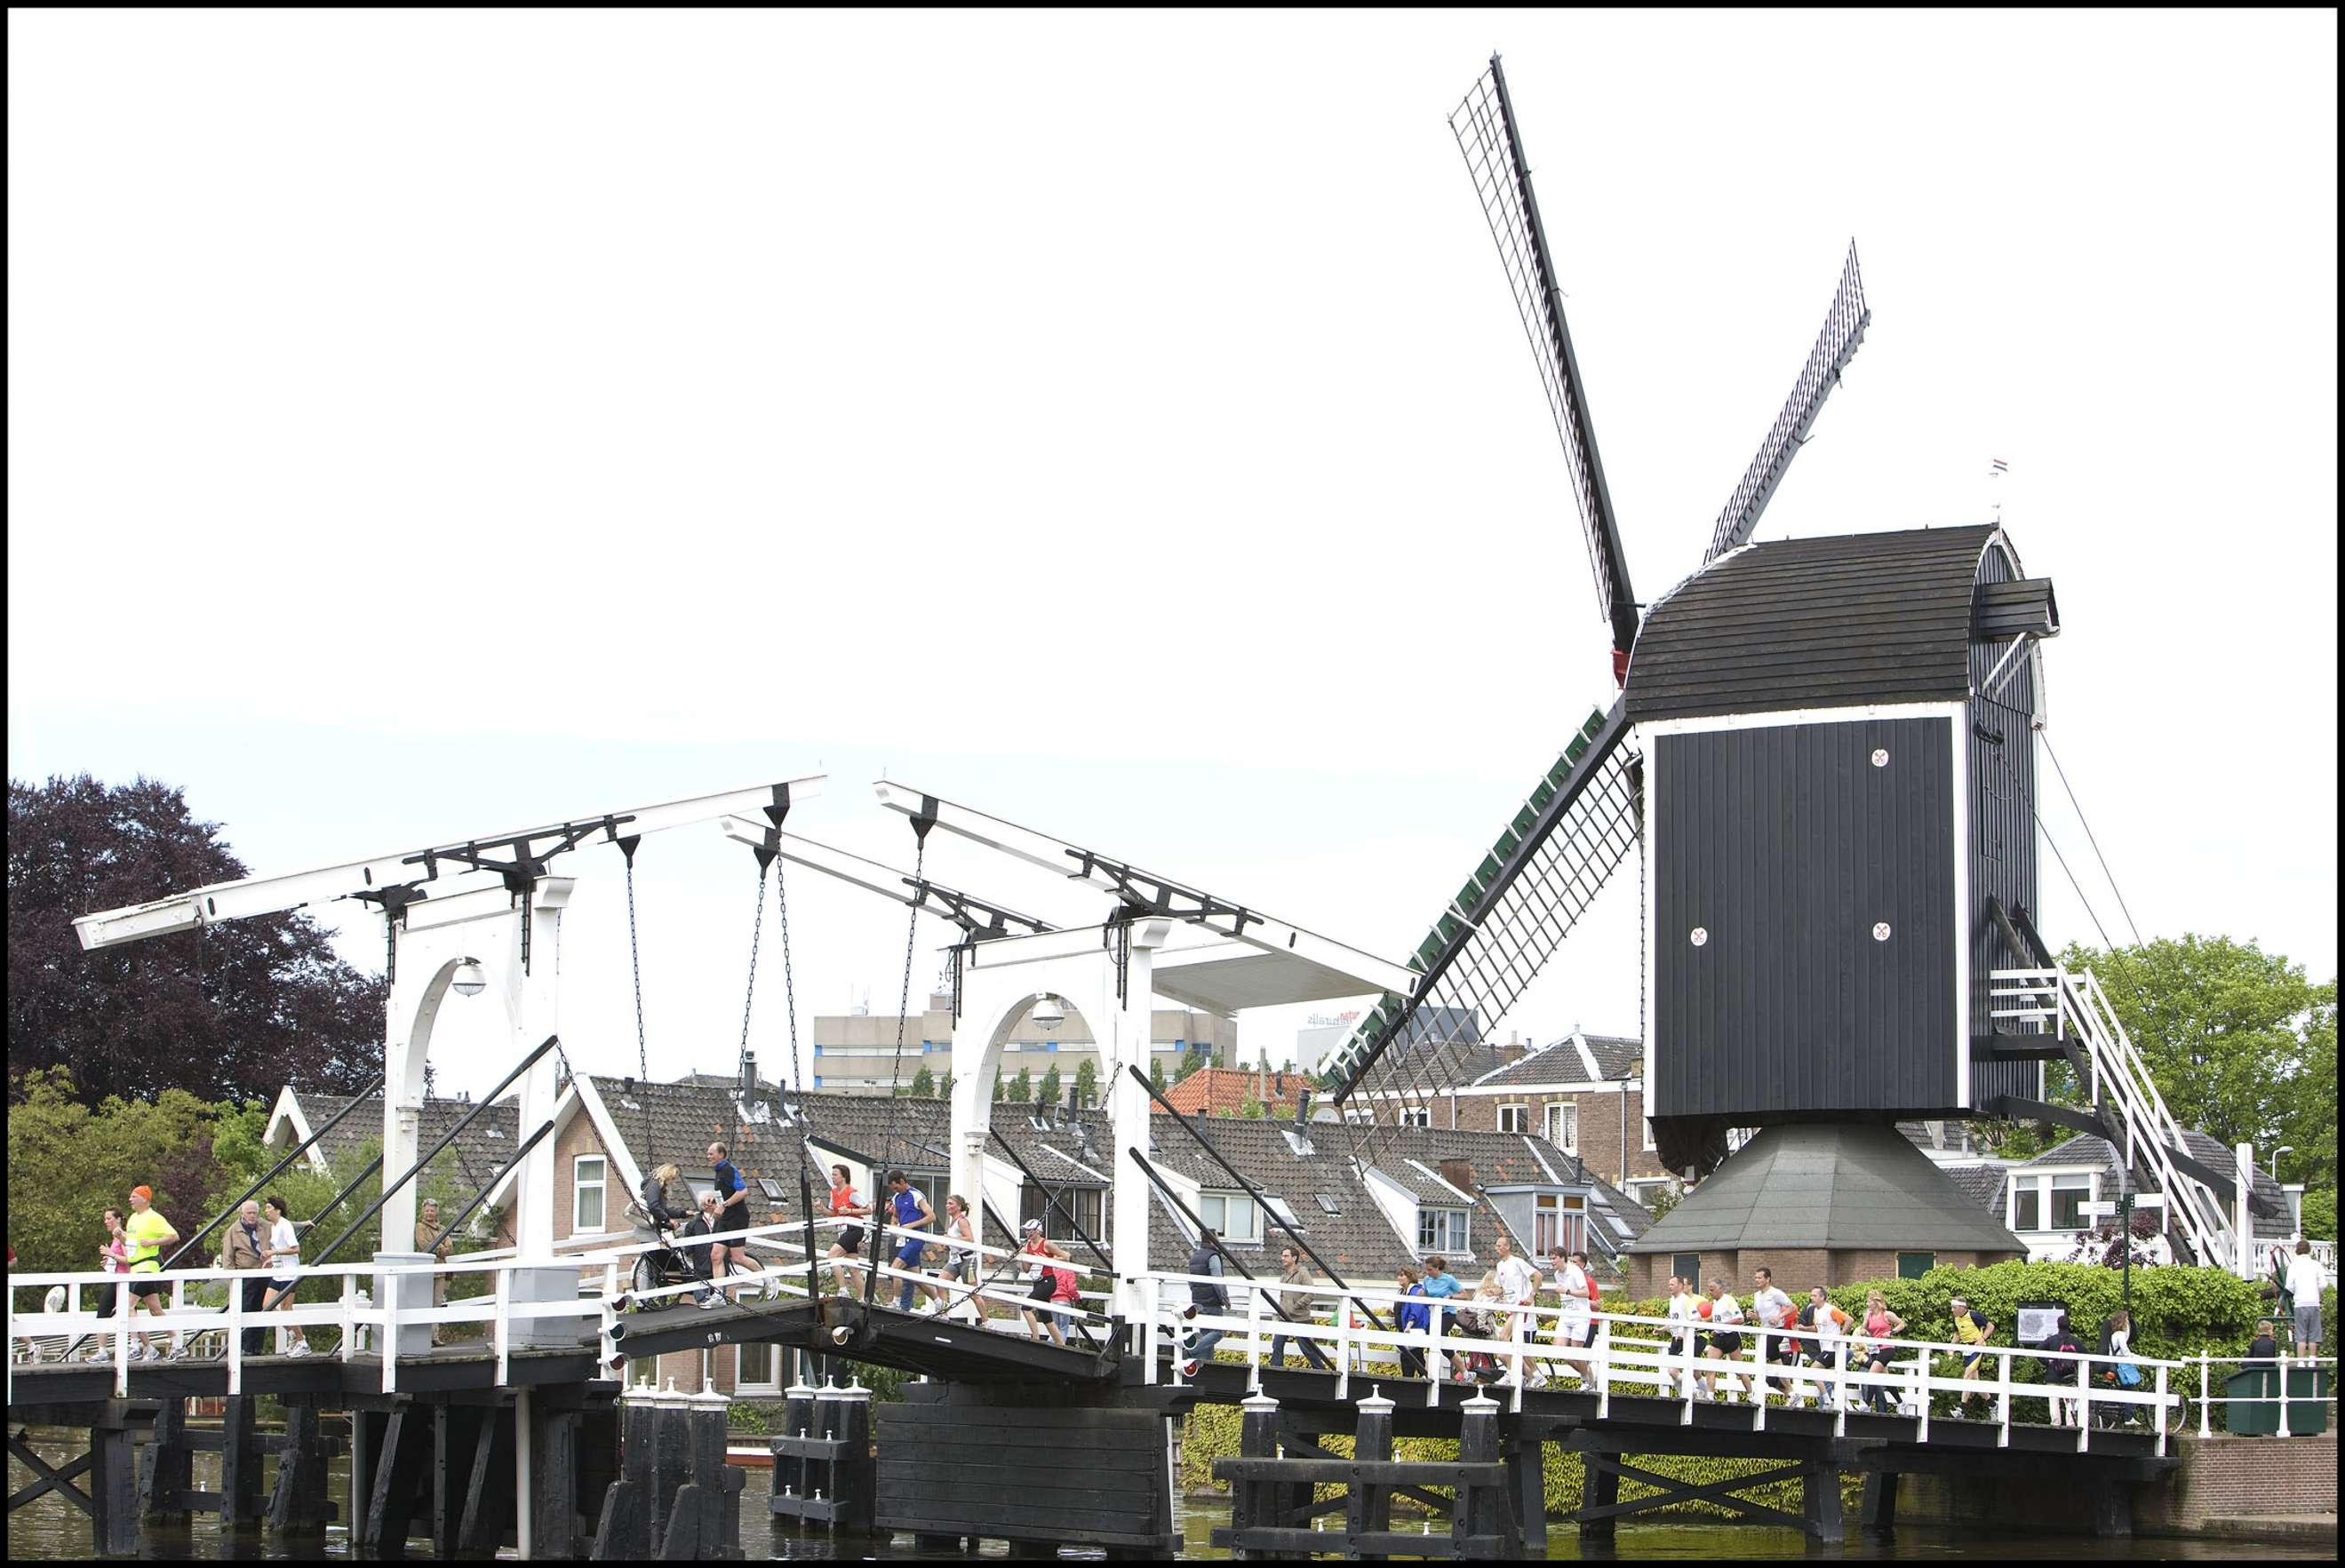 Nieuw evenement '100 bruggenloop' aangekondigd, door centrum van Leiden